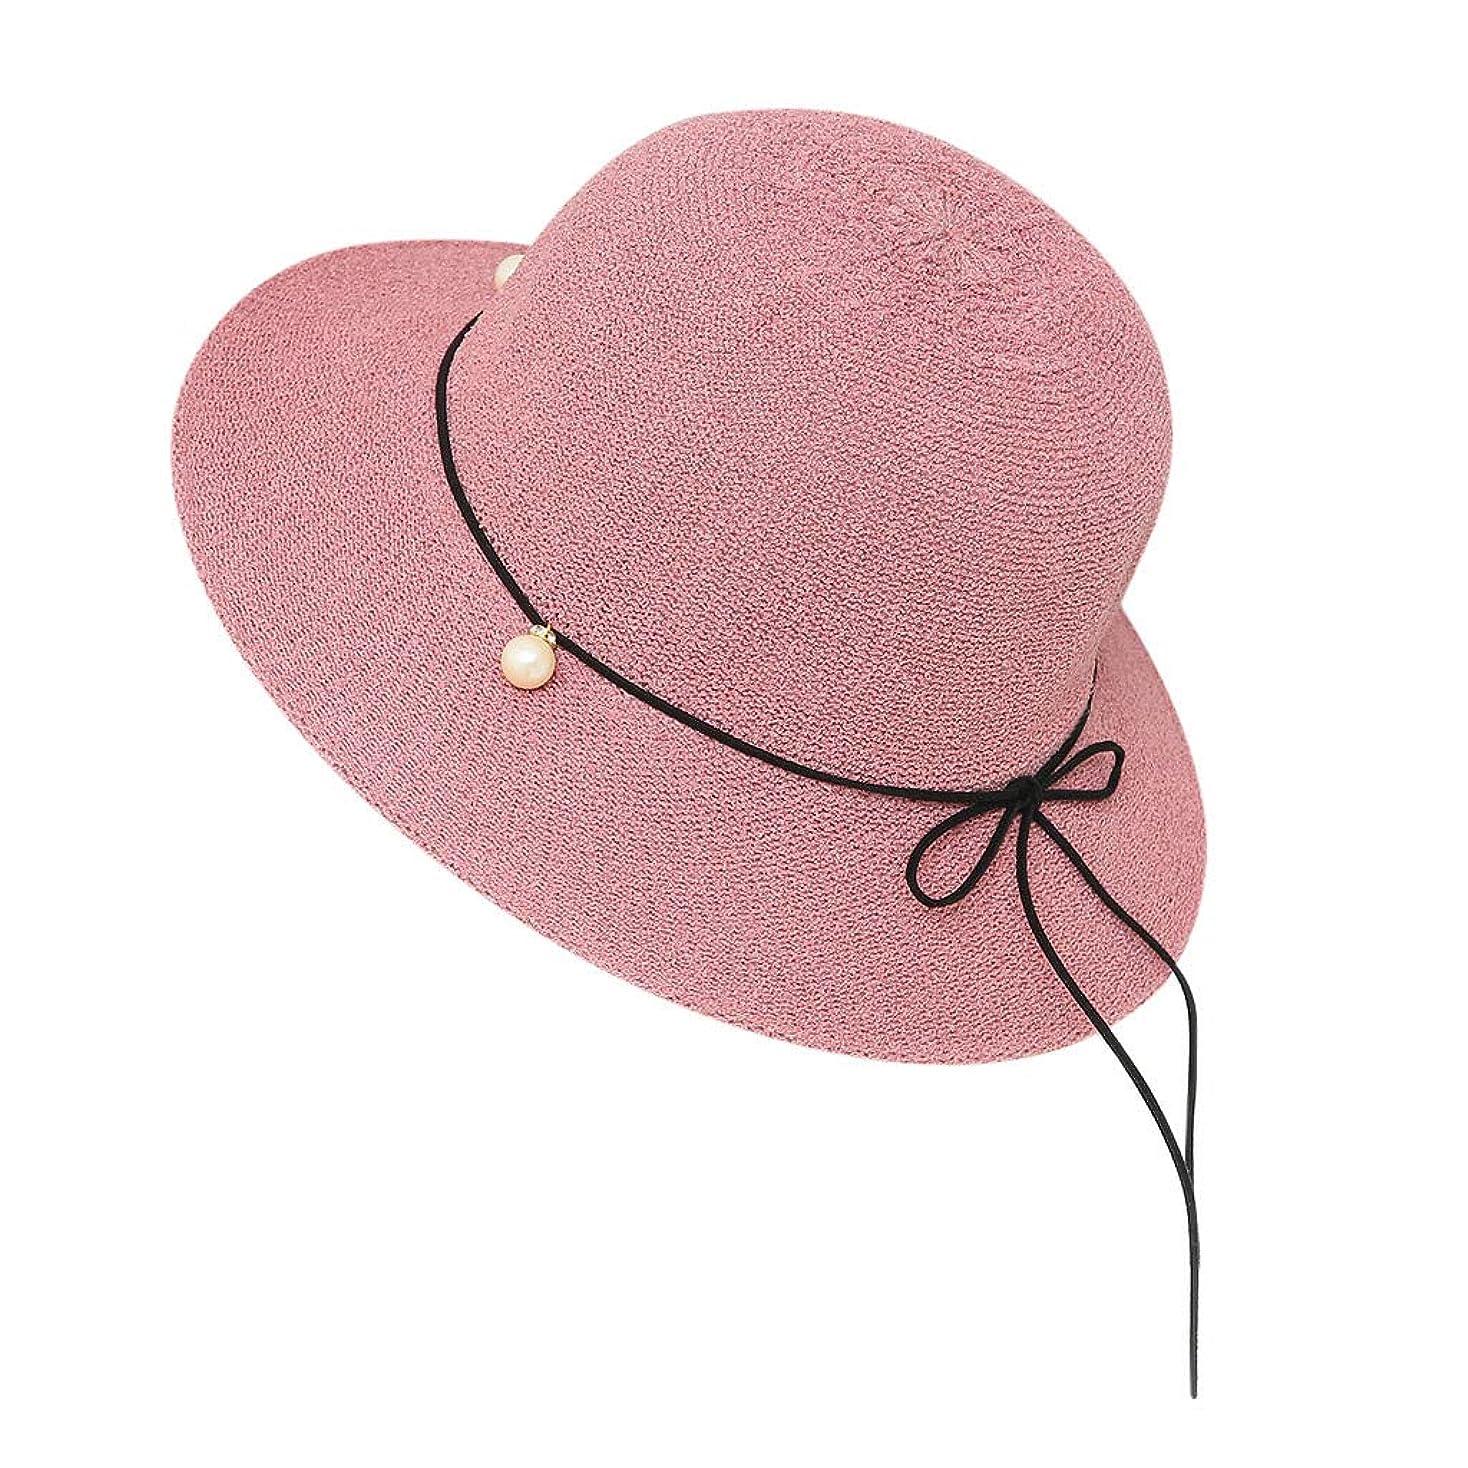 連合百年四半期帽子 レディース 夏 女性 UVカット 帽子 ハット 漁師帽 つば広 吸汗通気 紫外線対策 大きいサイズ 日焼け防止 サイズ調節 ベレー帽 帽子 レディース ビーチ 海辺 森ガール 女優帽 日よけ ROSE ROMAN